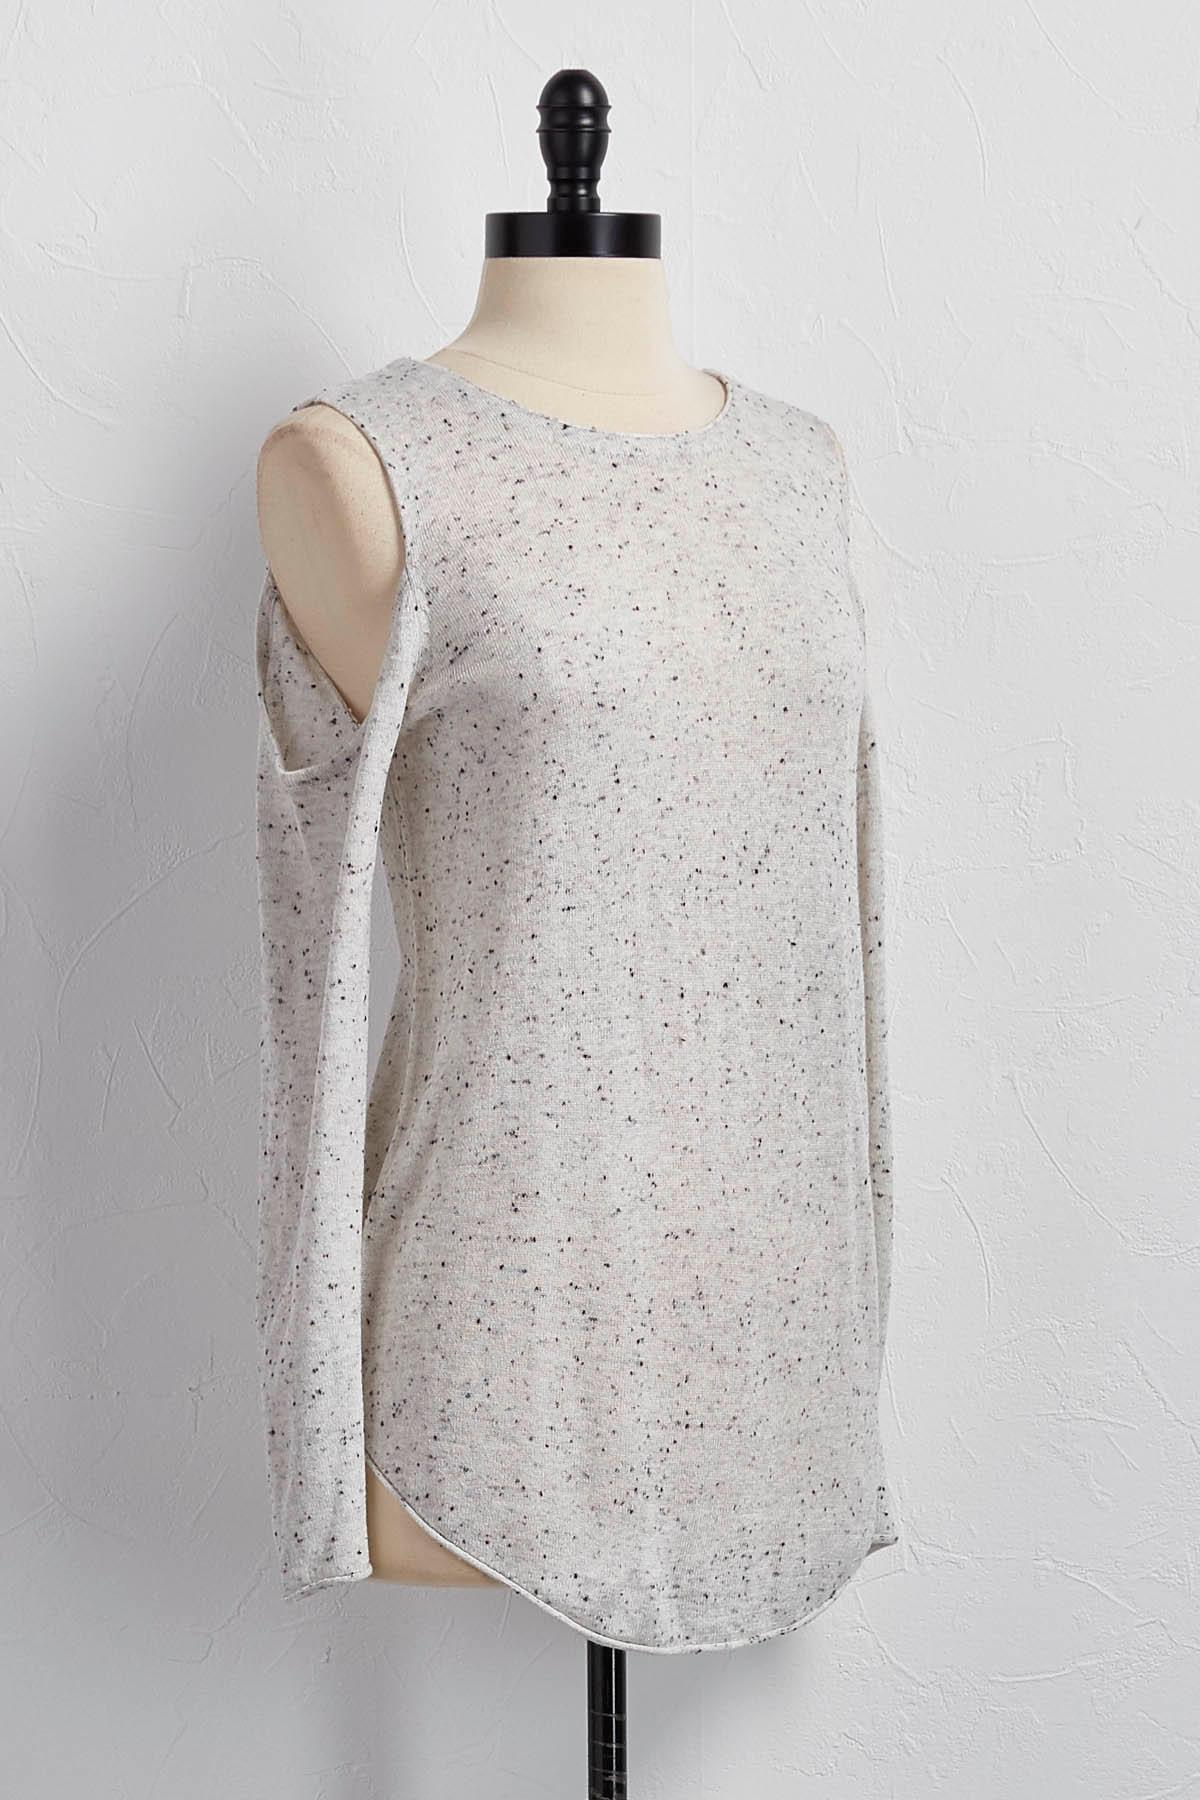 Speckled Bare Shoulder Tunic